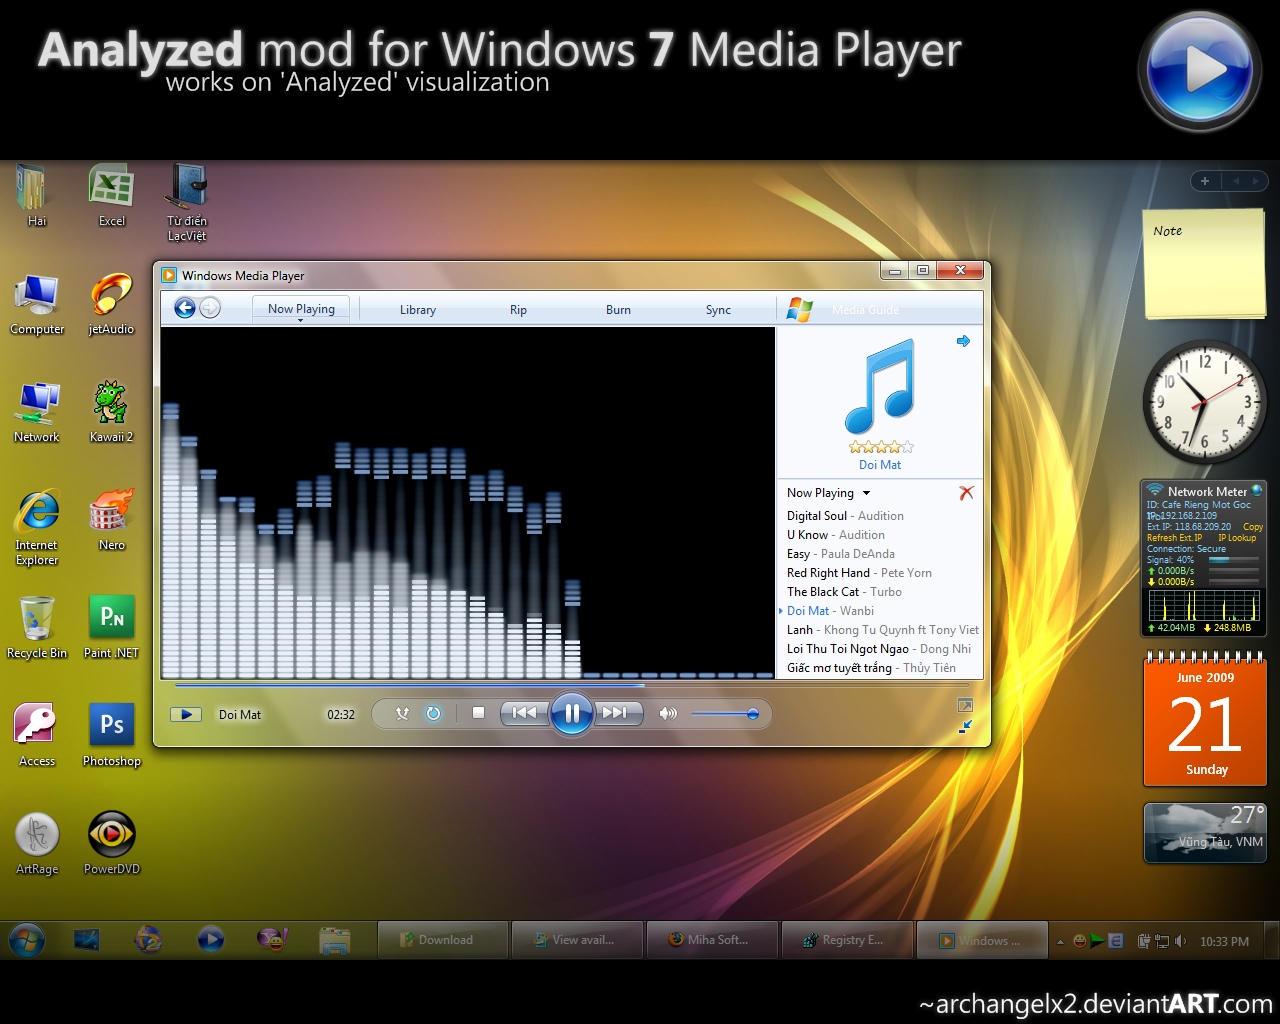 Analyzed mod for Windows 7 WMP by ArchangelX2